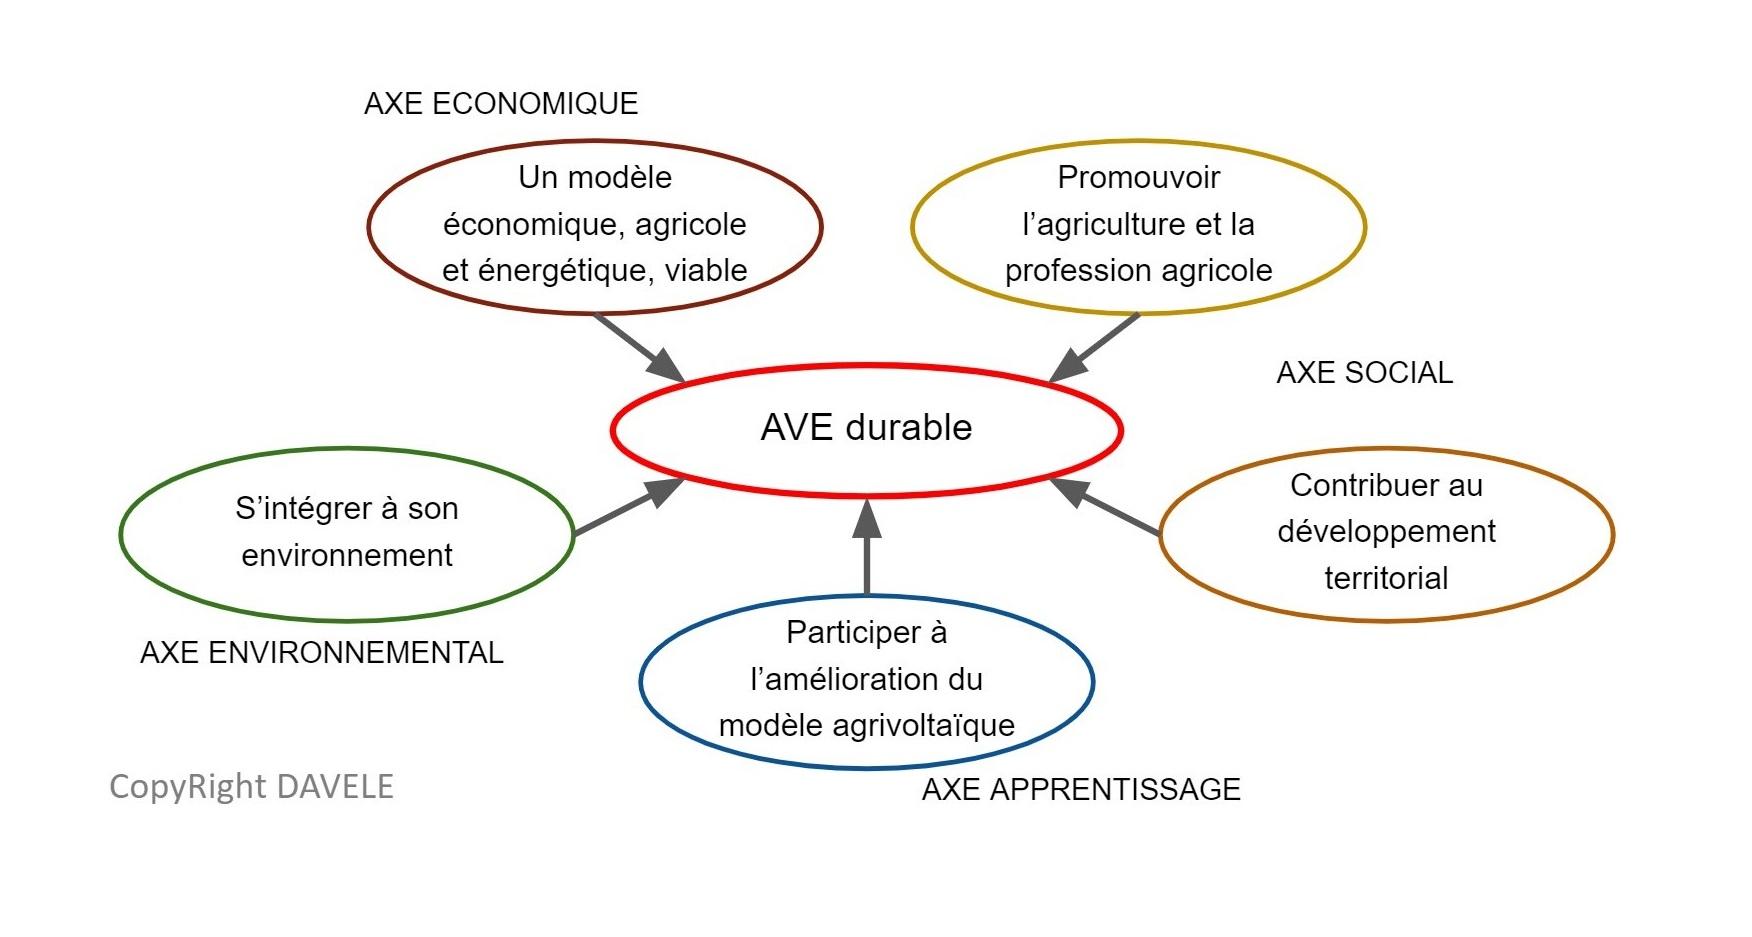 Etat de l'art de l'agrivoltaique d'élevage réglementairement